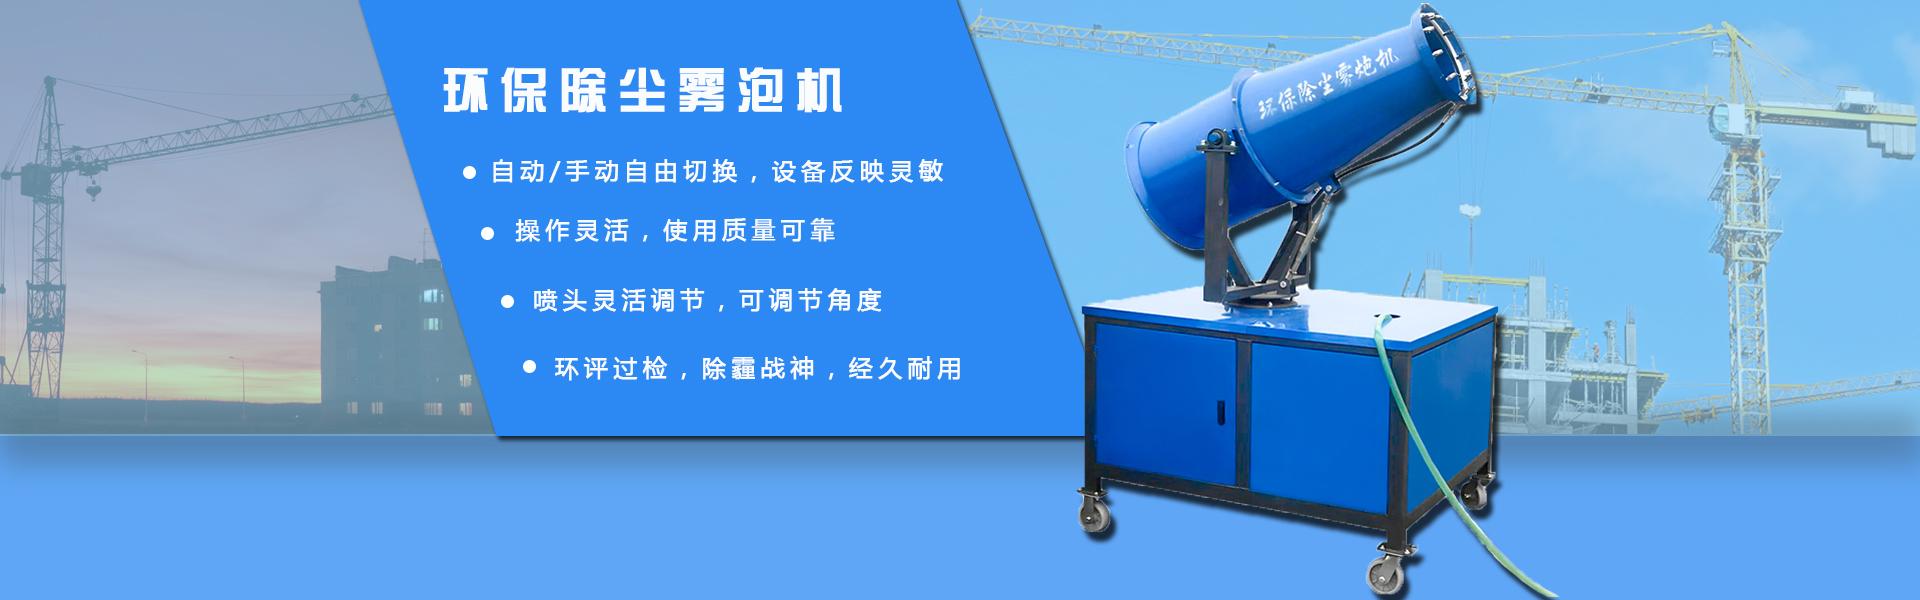 上海融瑞环保科技有限公司